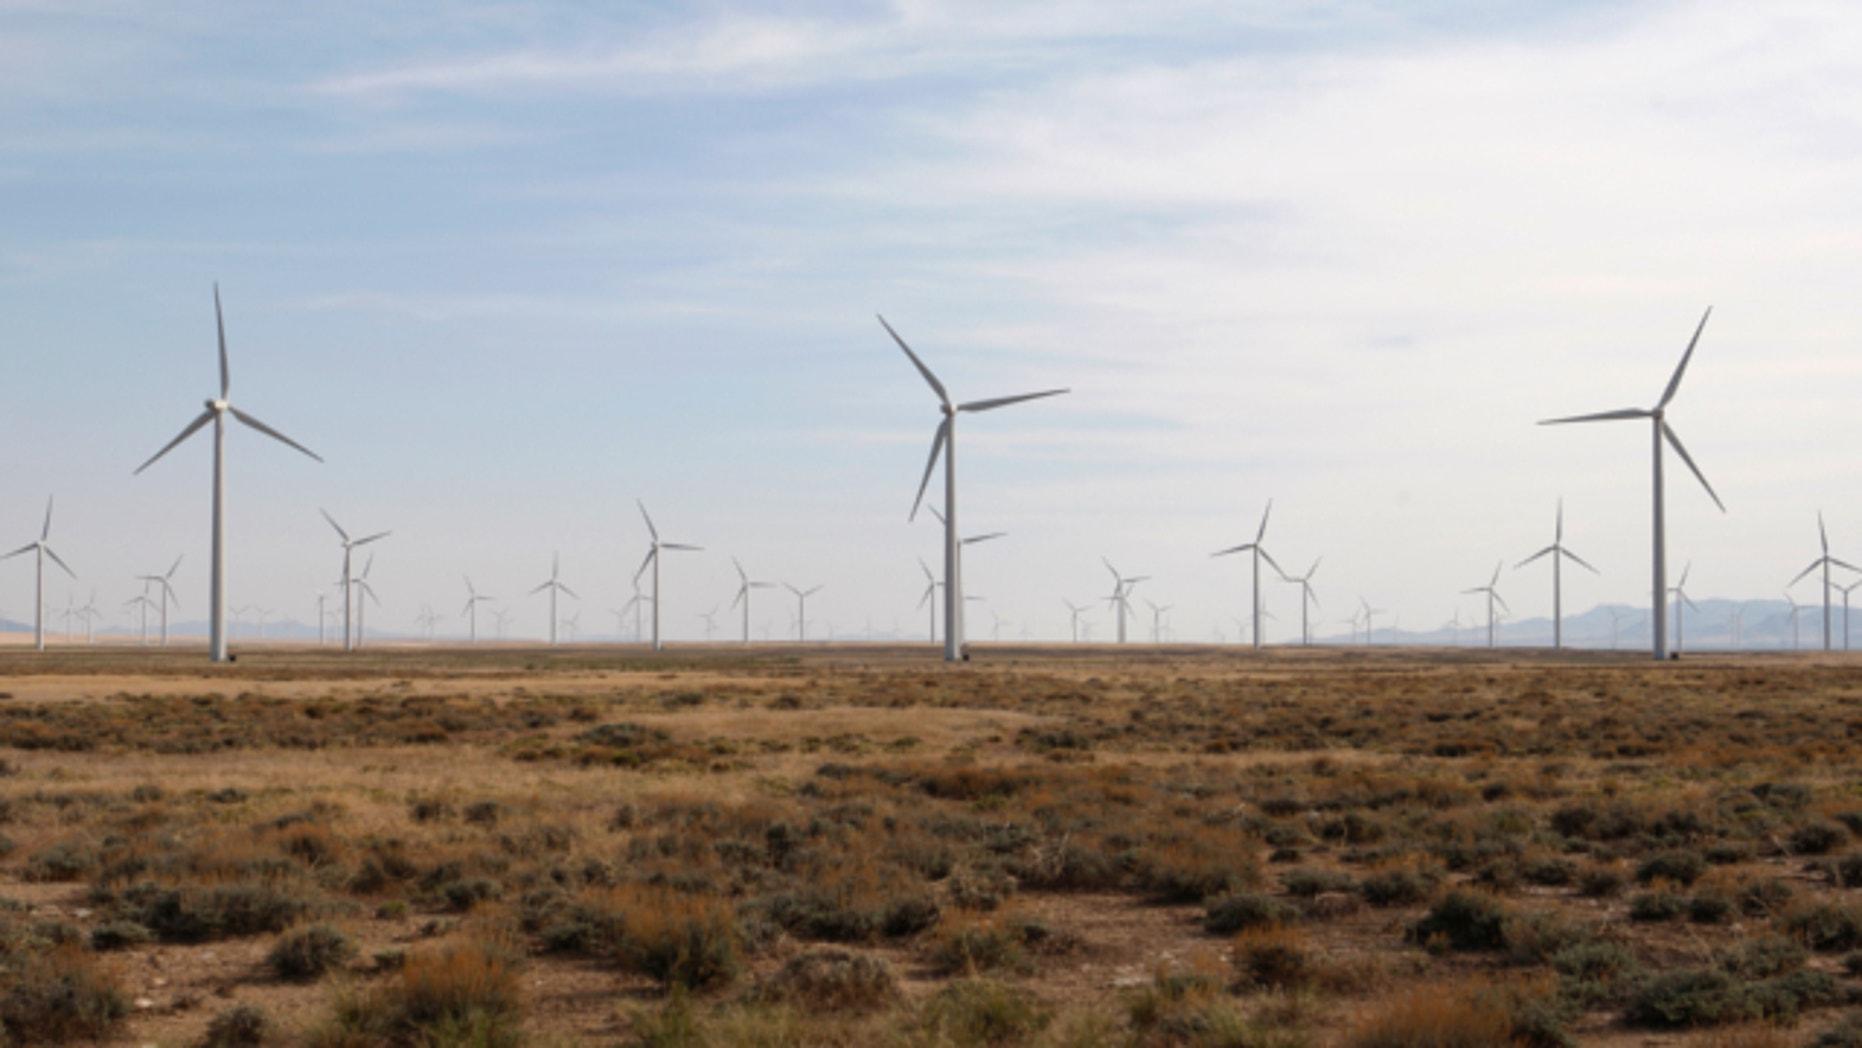 May 21, 2012: Wind turbines operate at a wind farm near Milford, Utah.